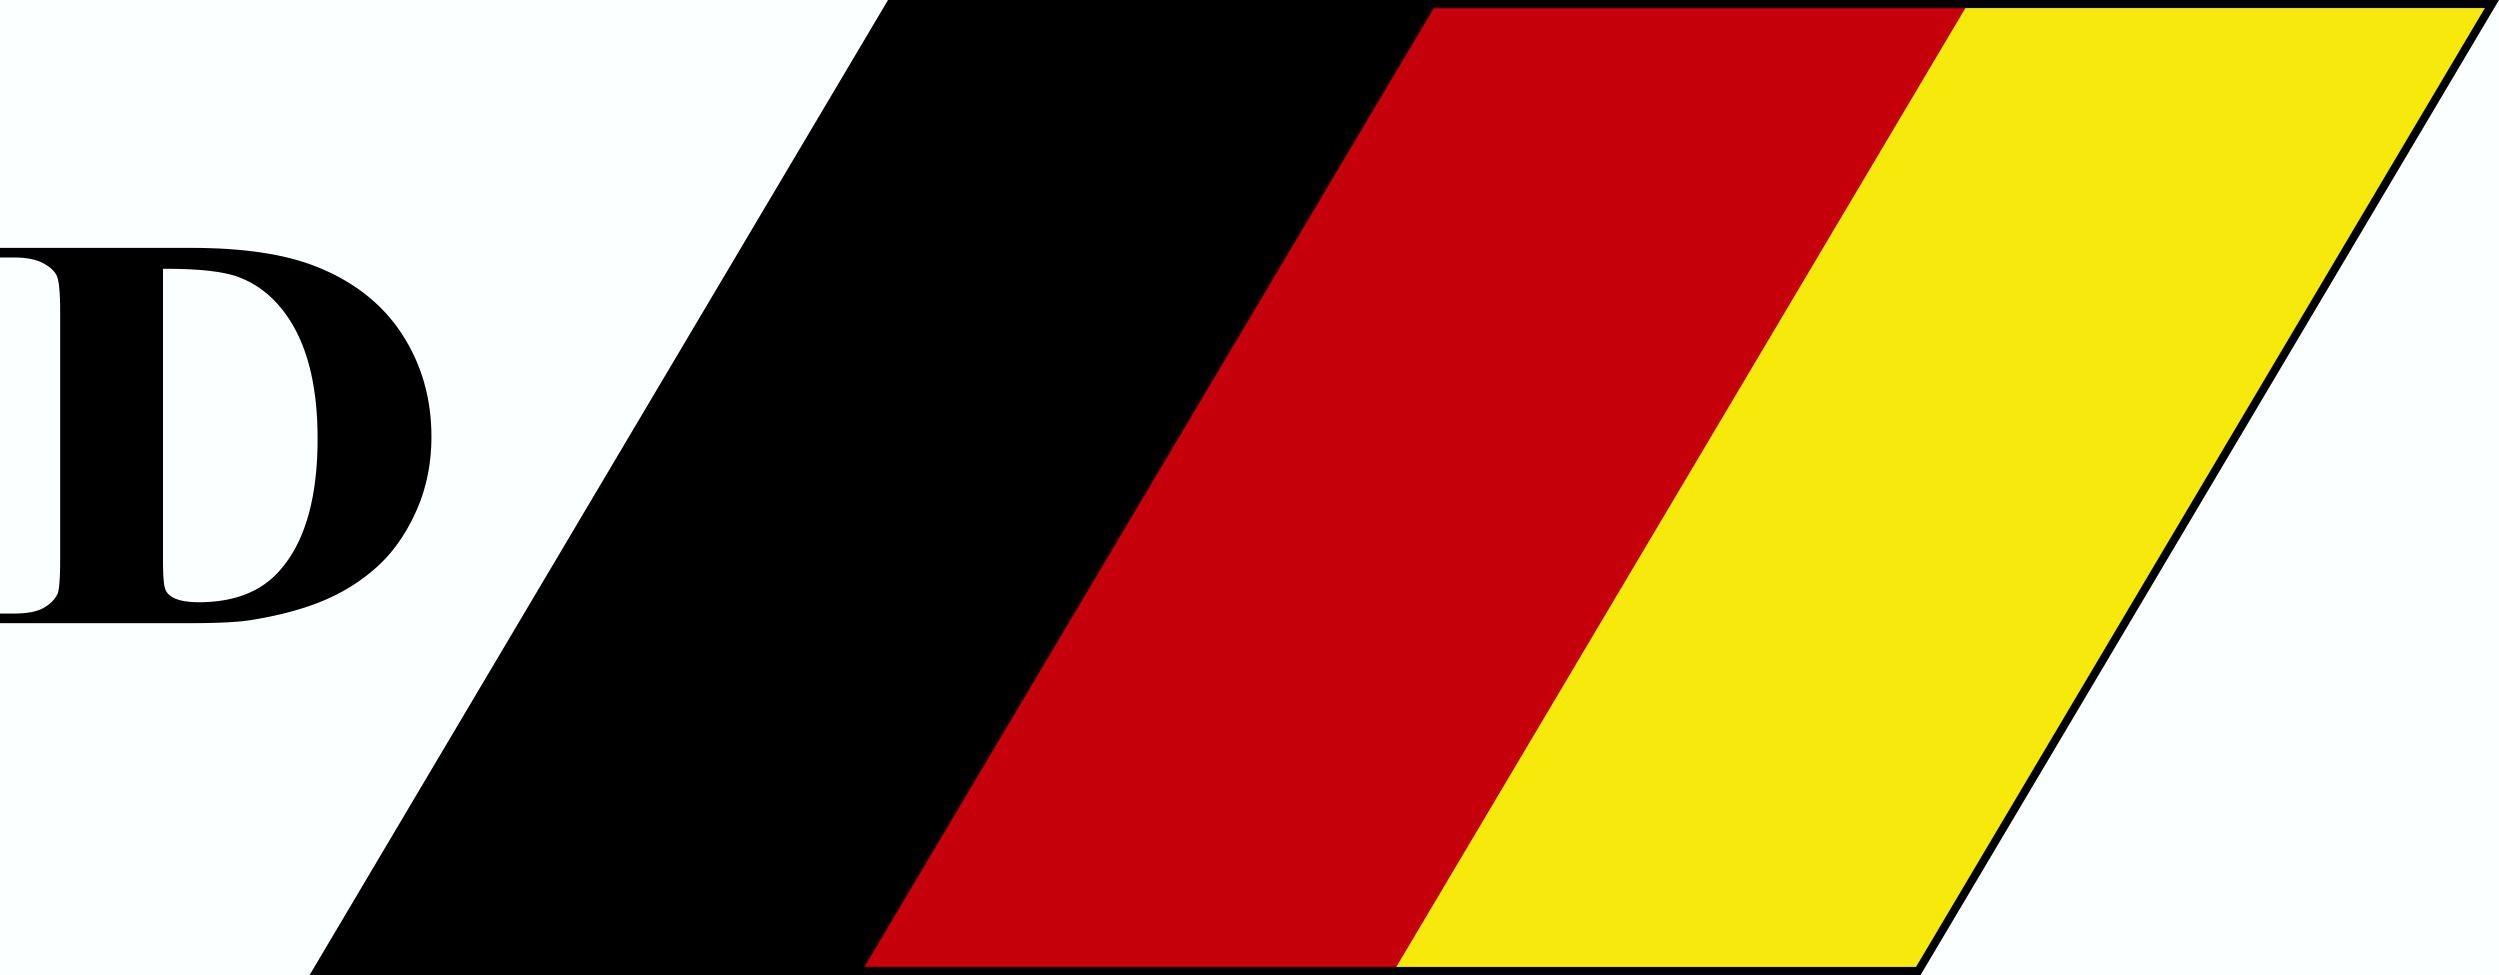 Aufkleber Deutschland-D 40 x 120 mm Deutschland Fanartikel – Bild 1